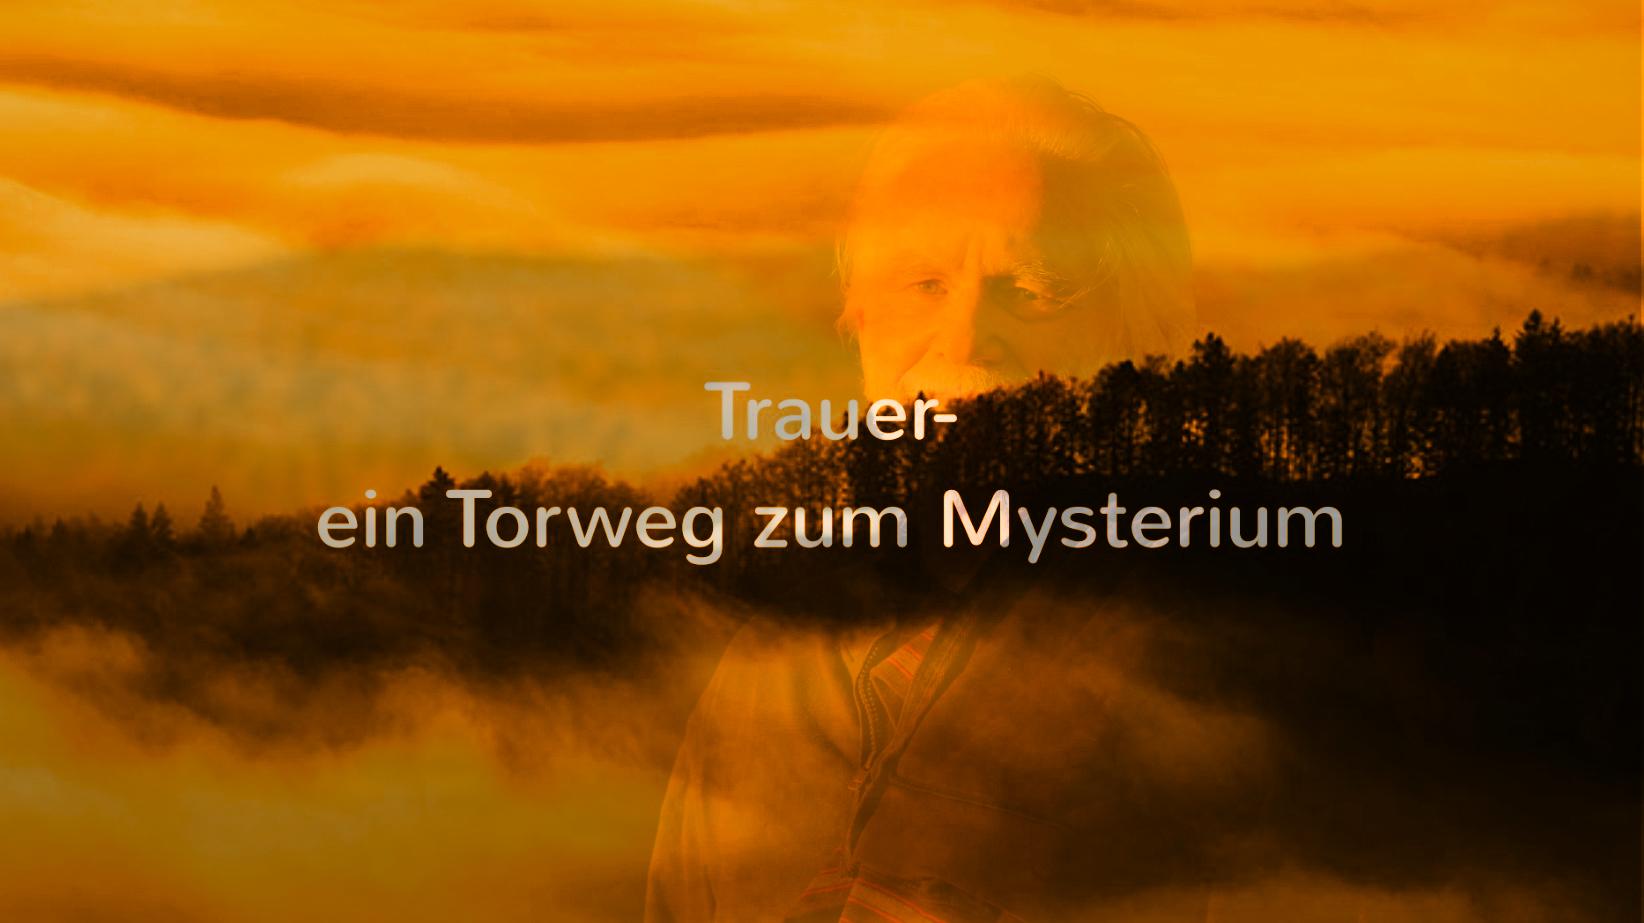 Video. Trauer-ein Torweg zum Mysterium